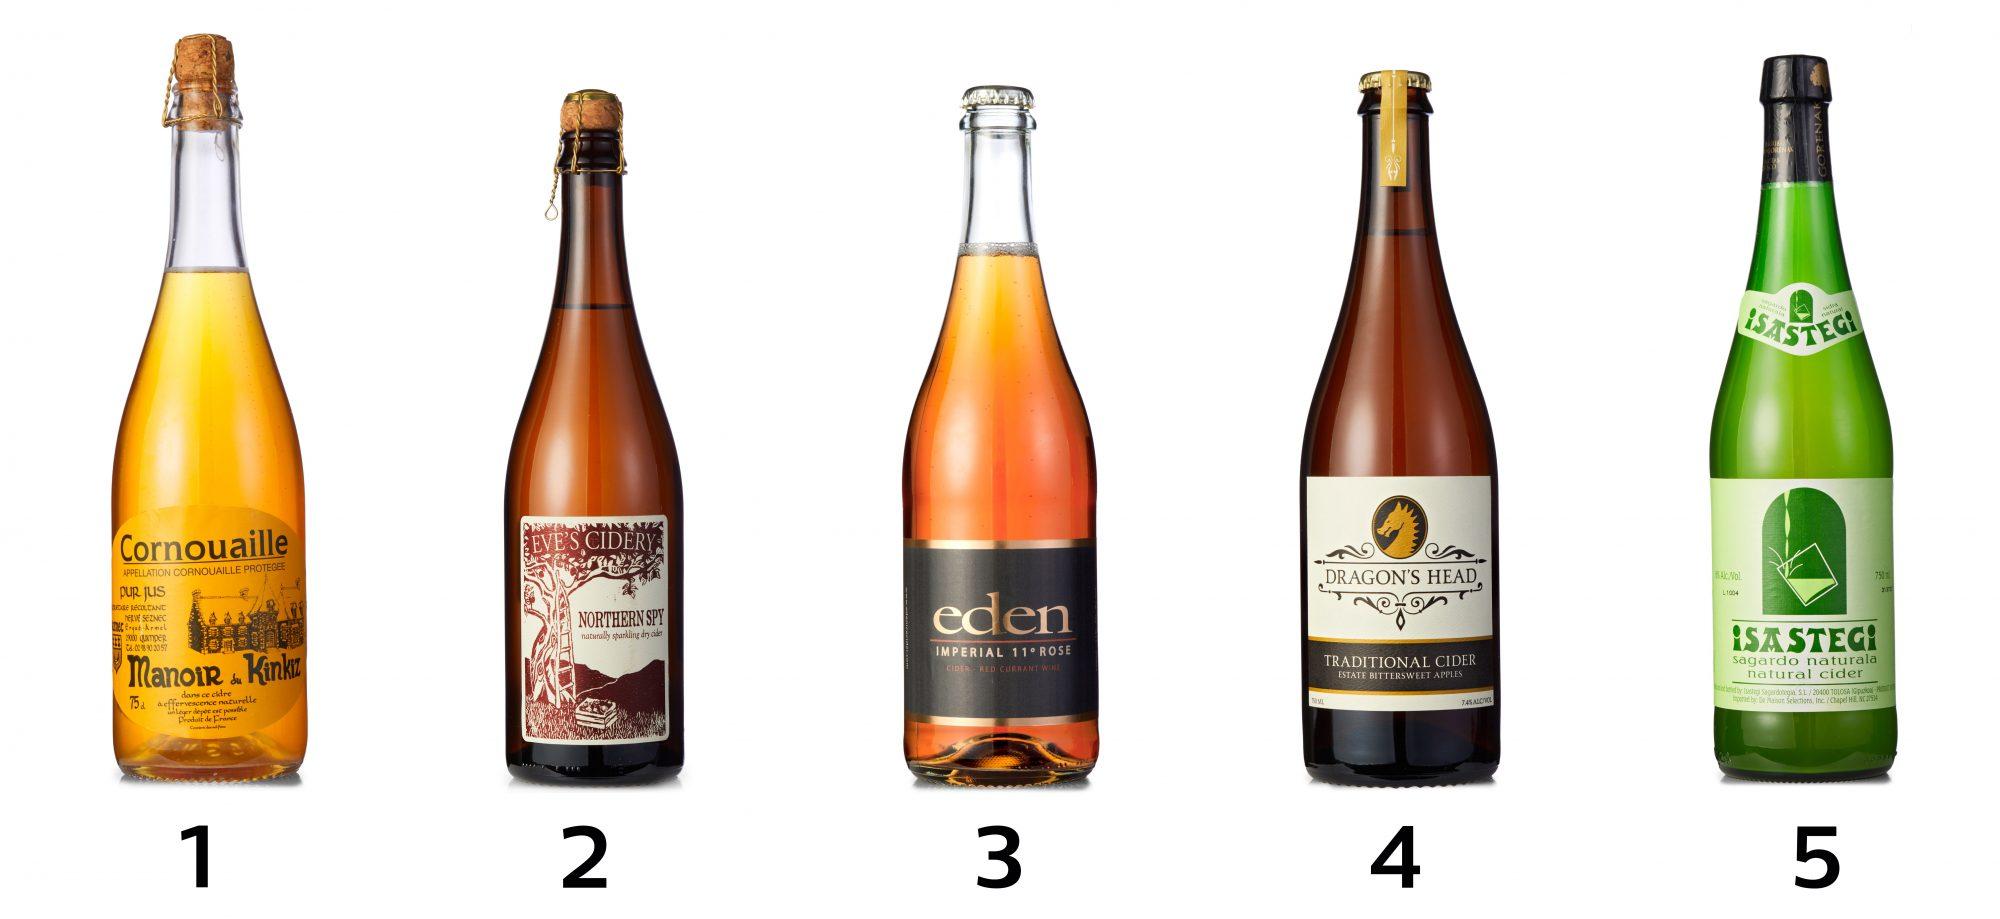 Hard Cider Bottles